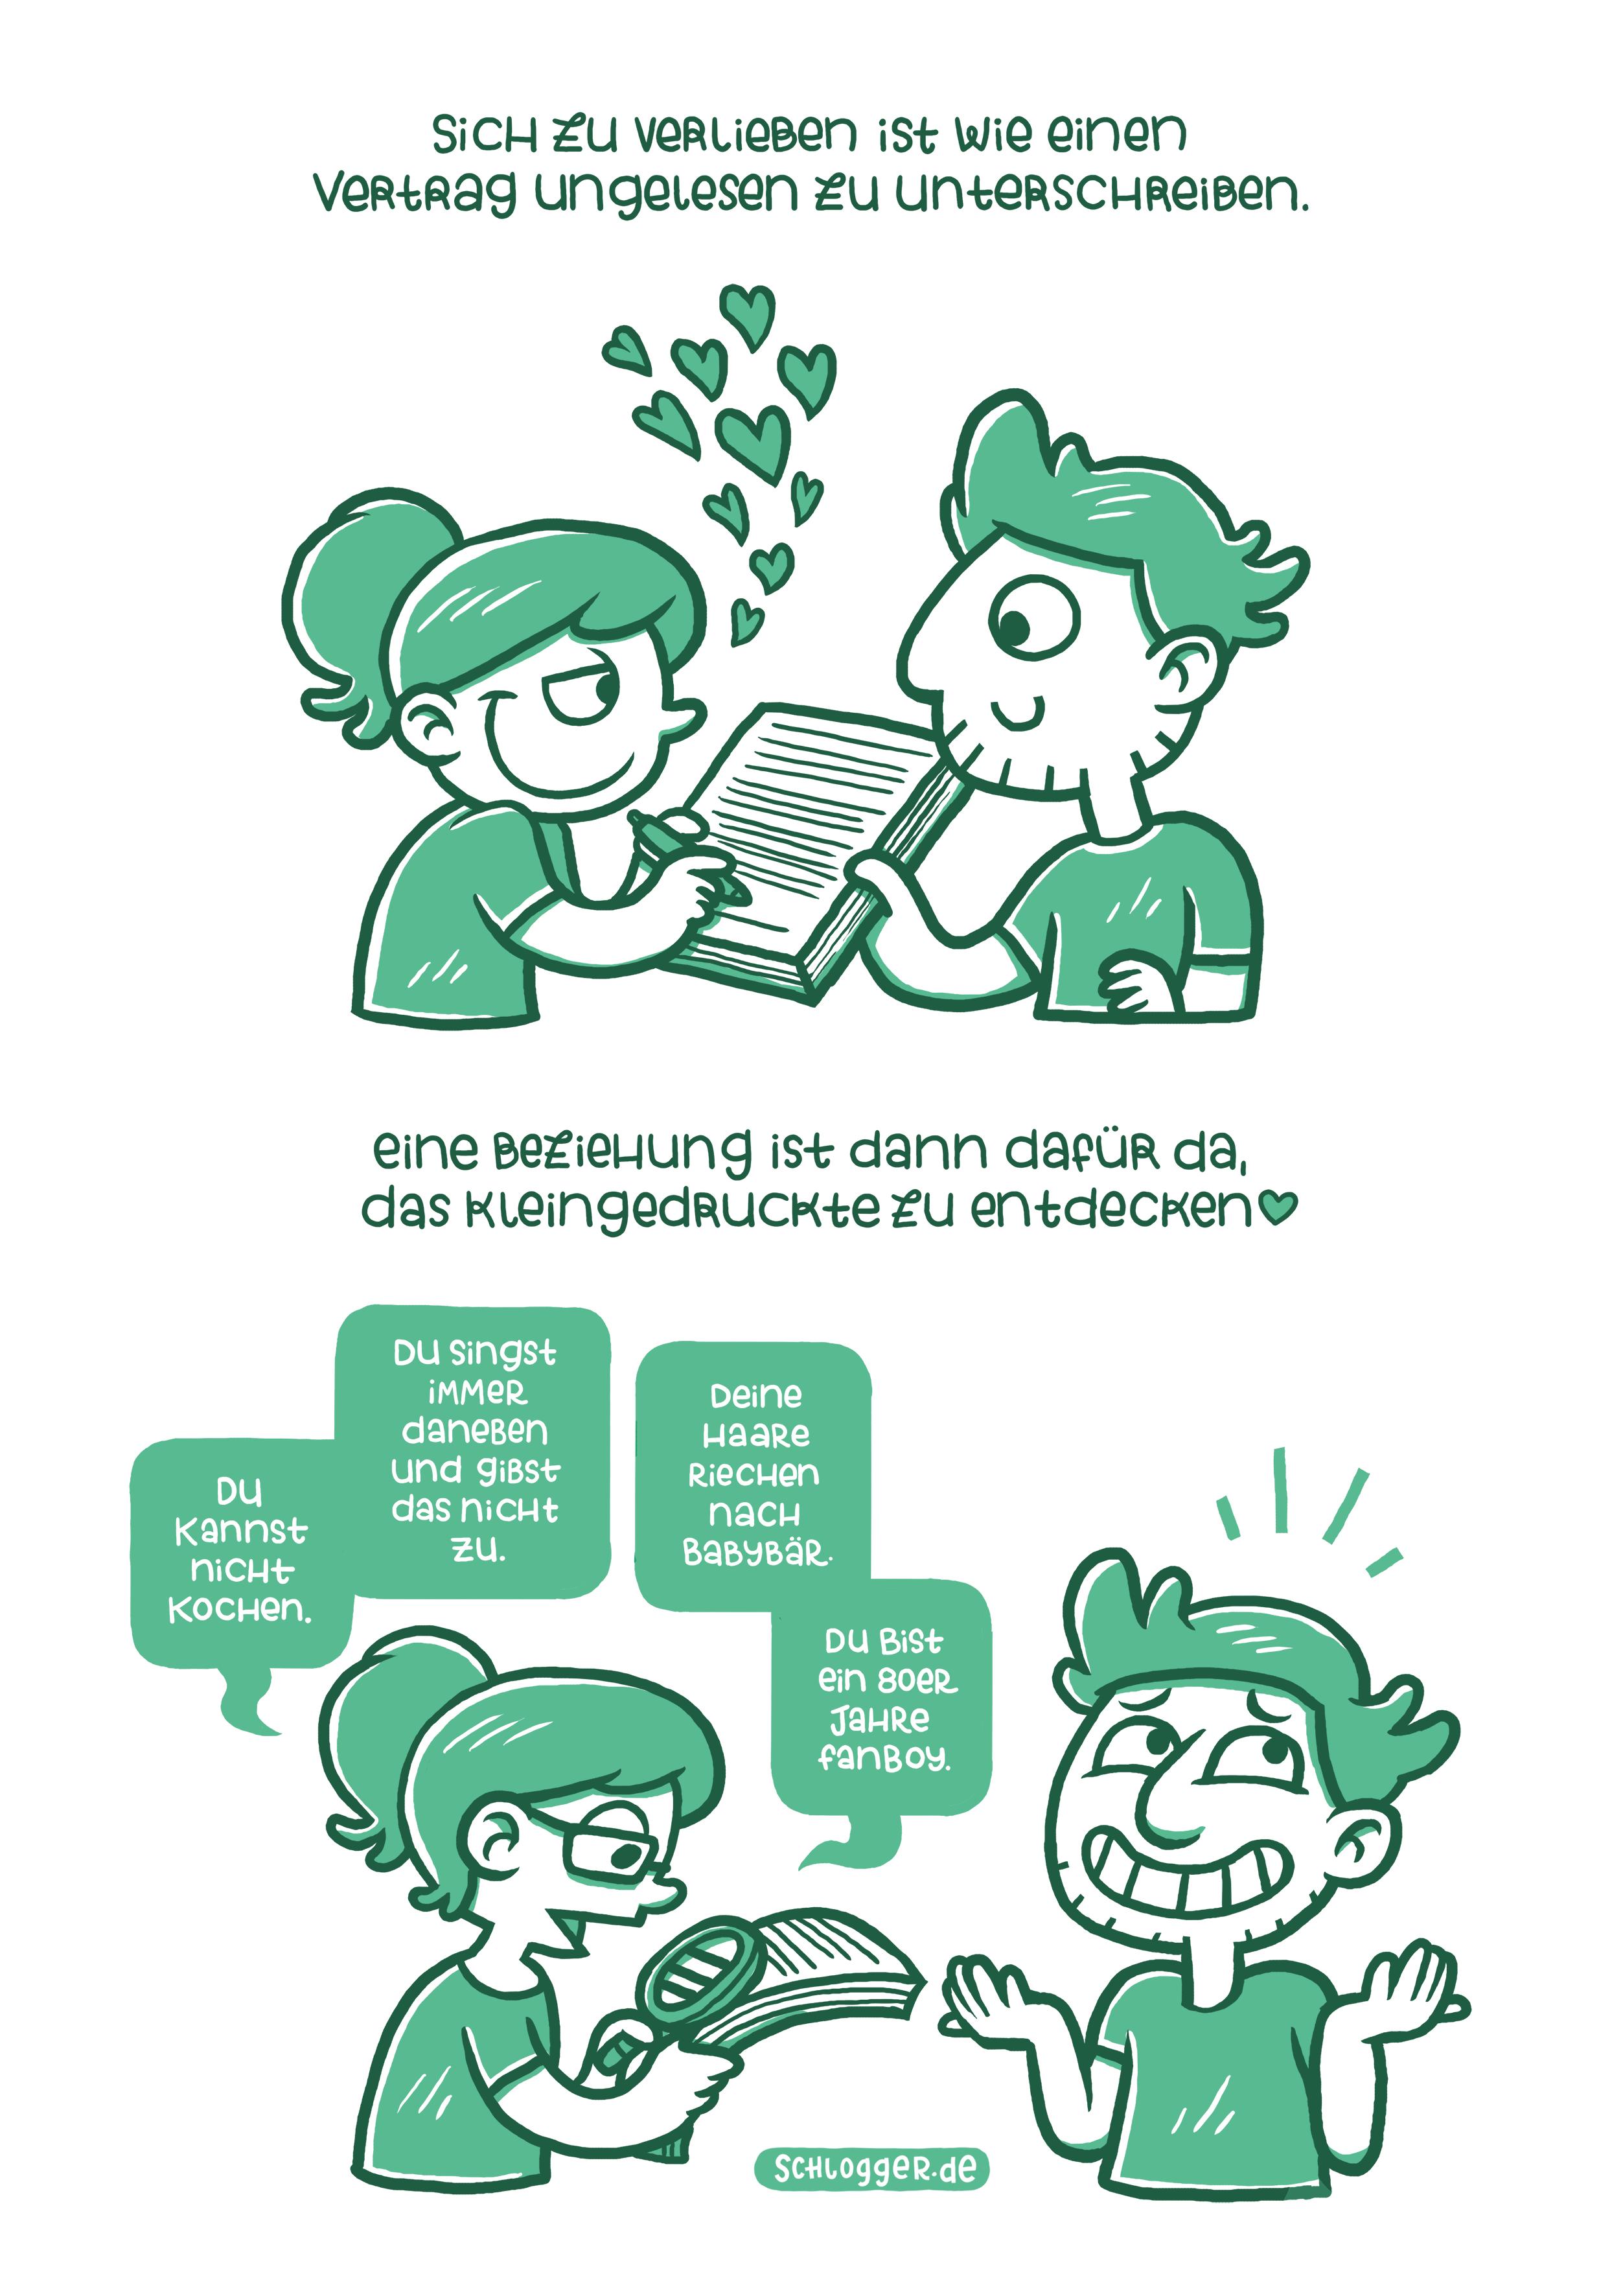 Gehirnfurz #190: Liebesvertrag